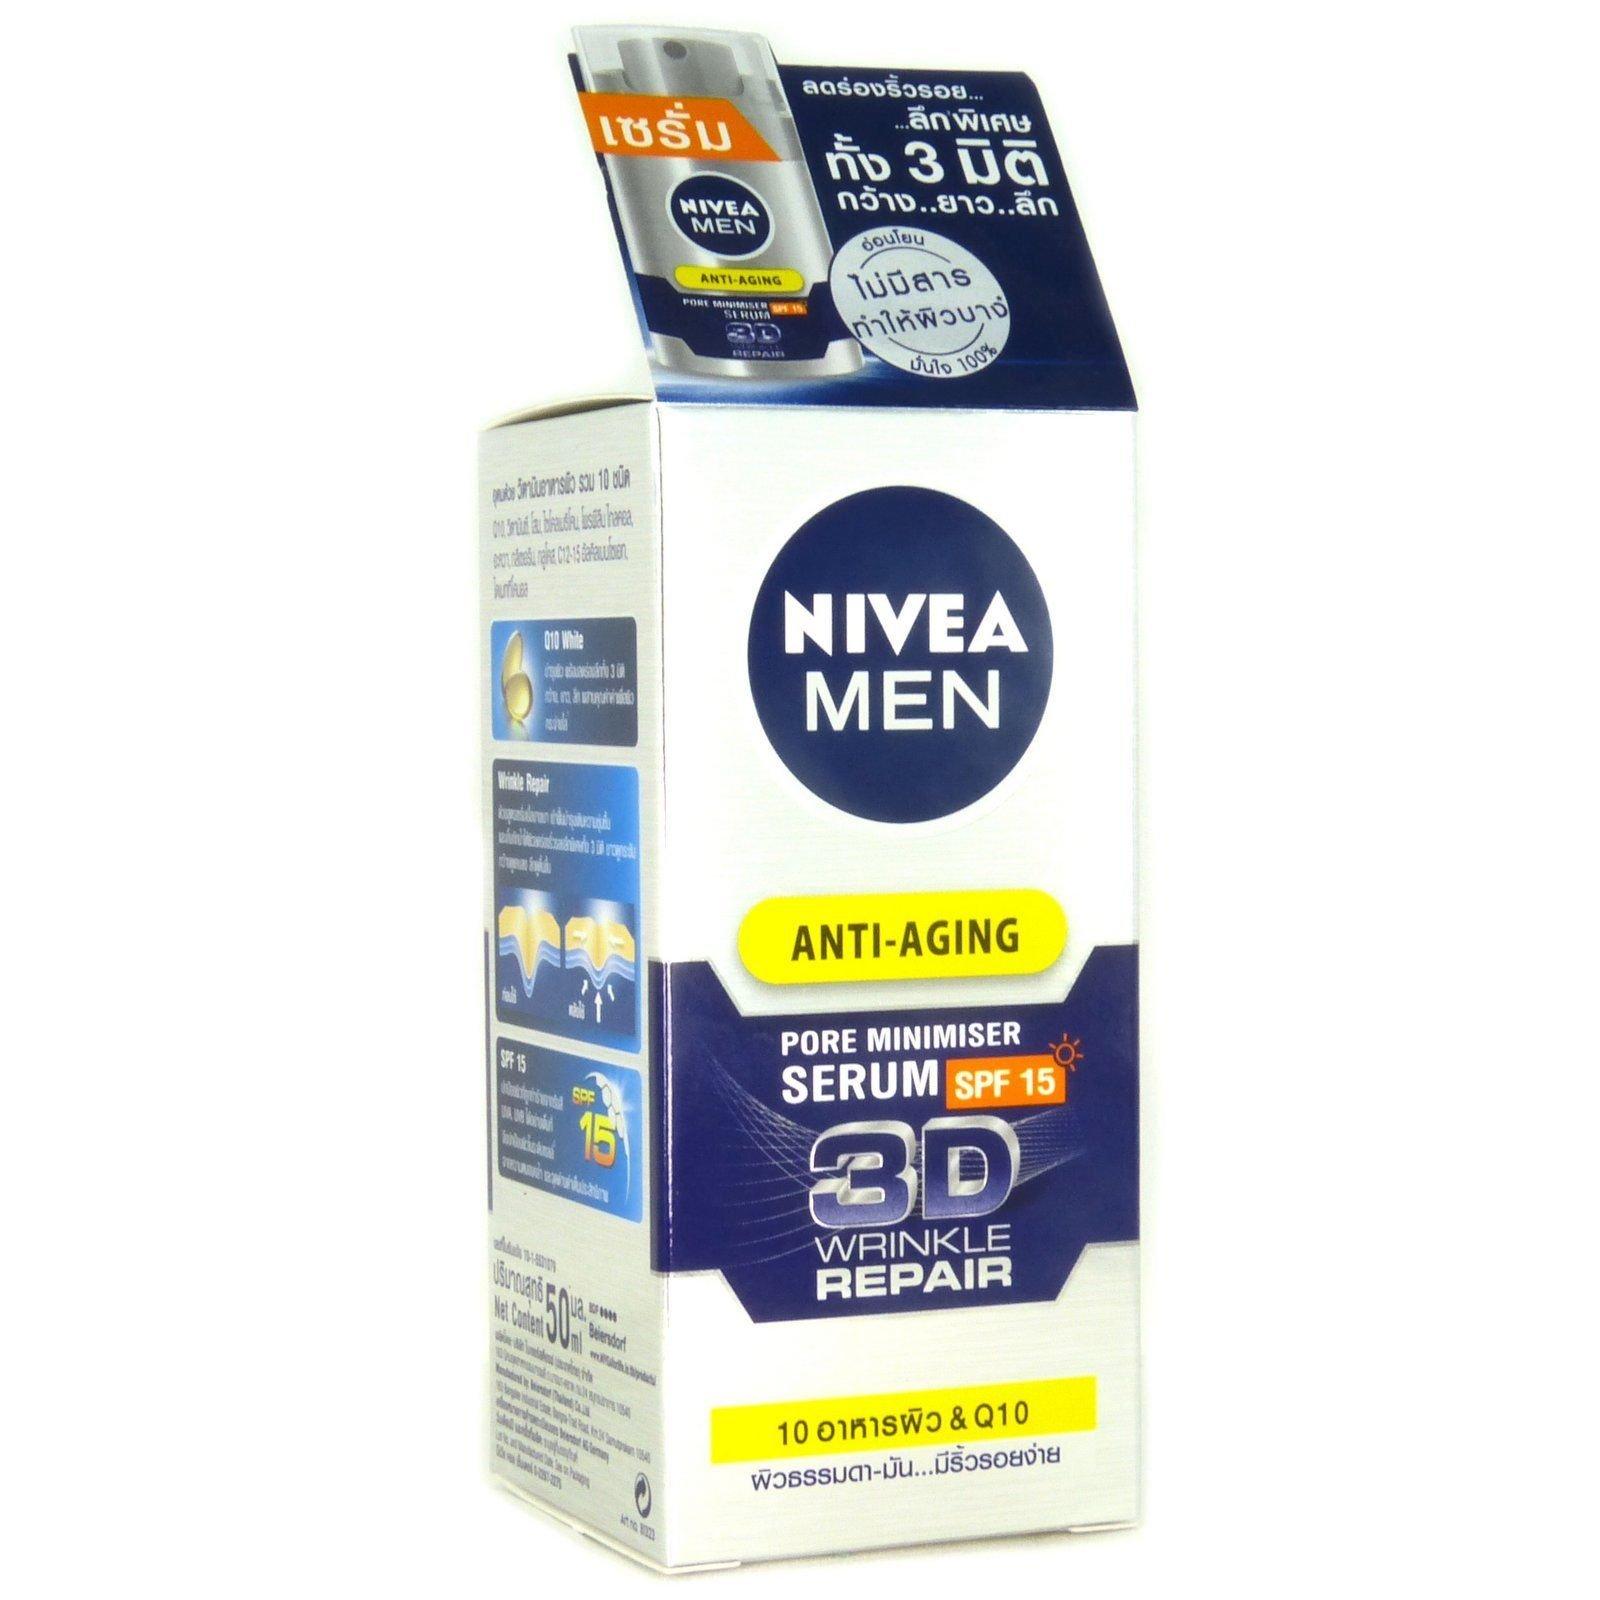 Nivea Men Anti Aging 3D Wrinkle Repair Q10 Serum SPF 15 Net wt 1.76 Oz or 50 ml.